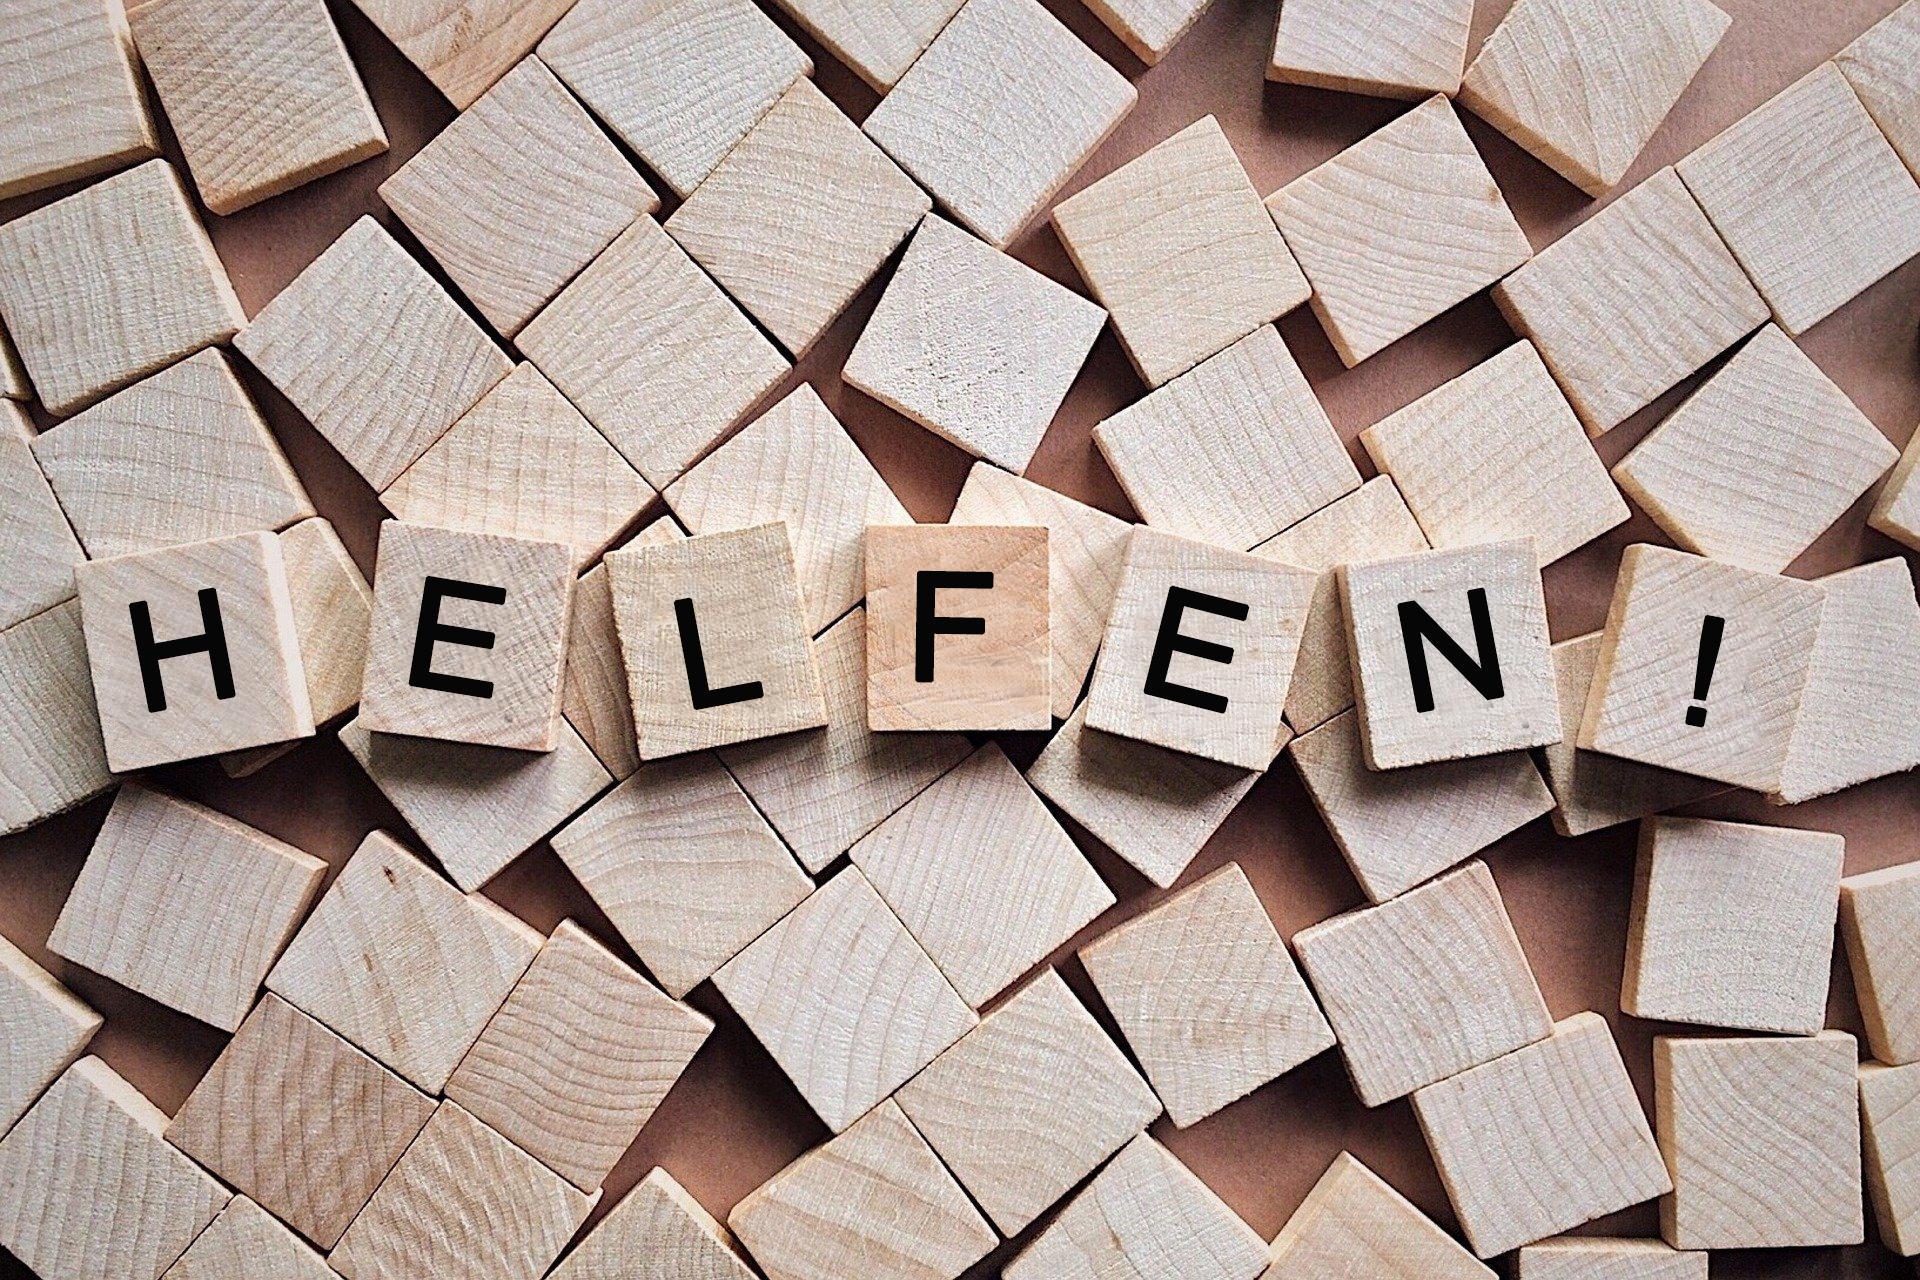 """Bild Steine mit dem Wort """"Helfen"""", Quelle: Bildbearbeitung auf der Grundlage eines Bildes von Wokandapix auf Pixabay"""